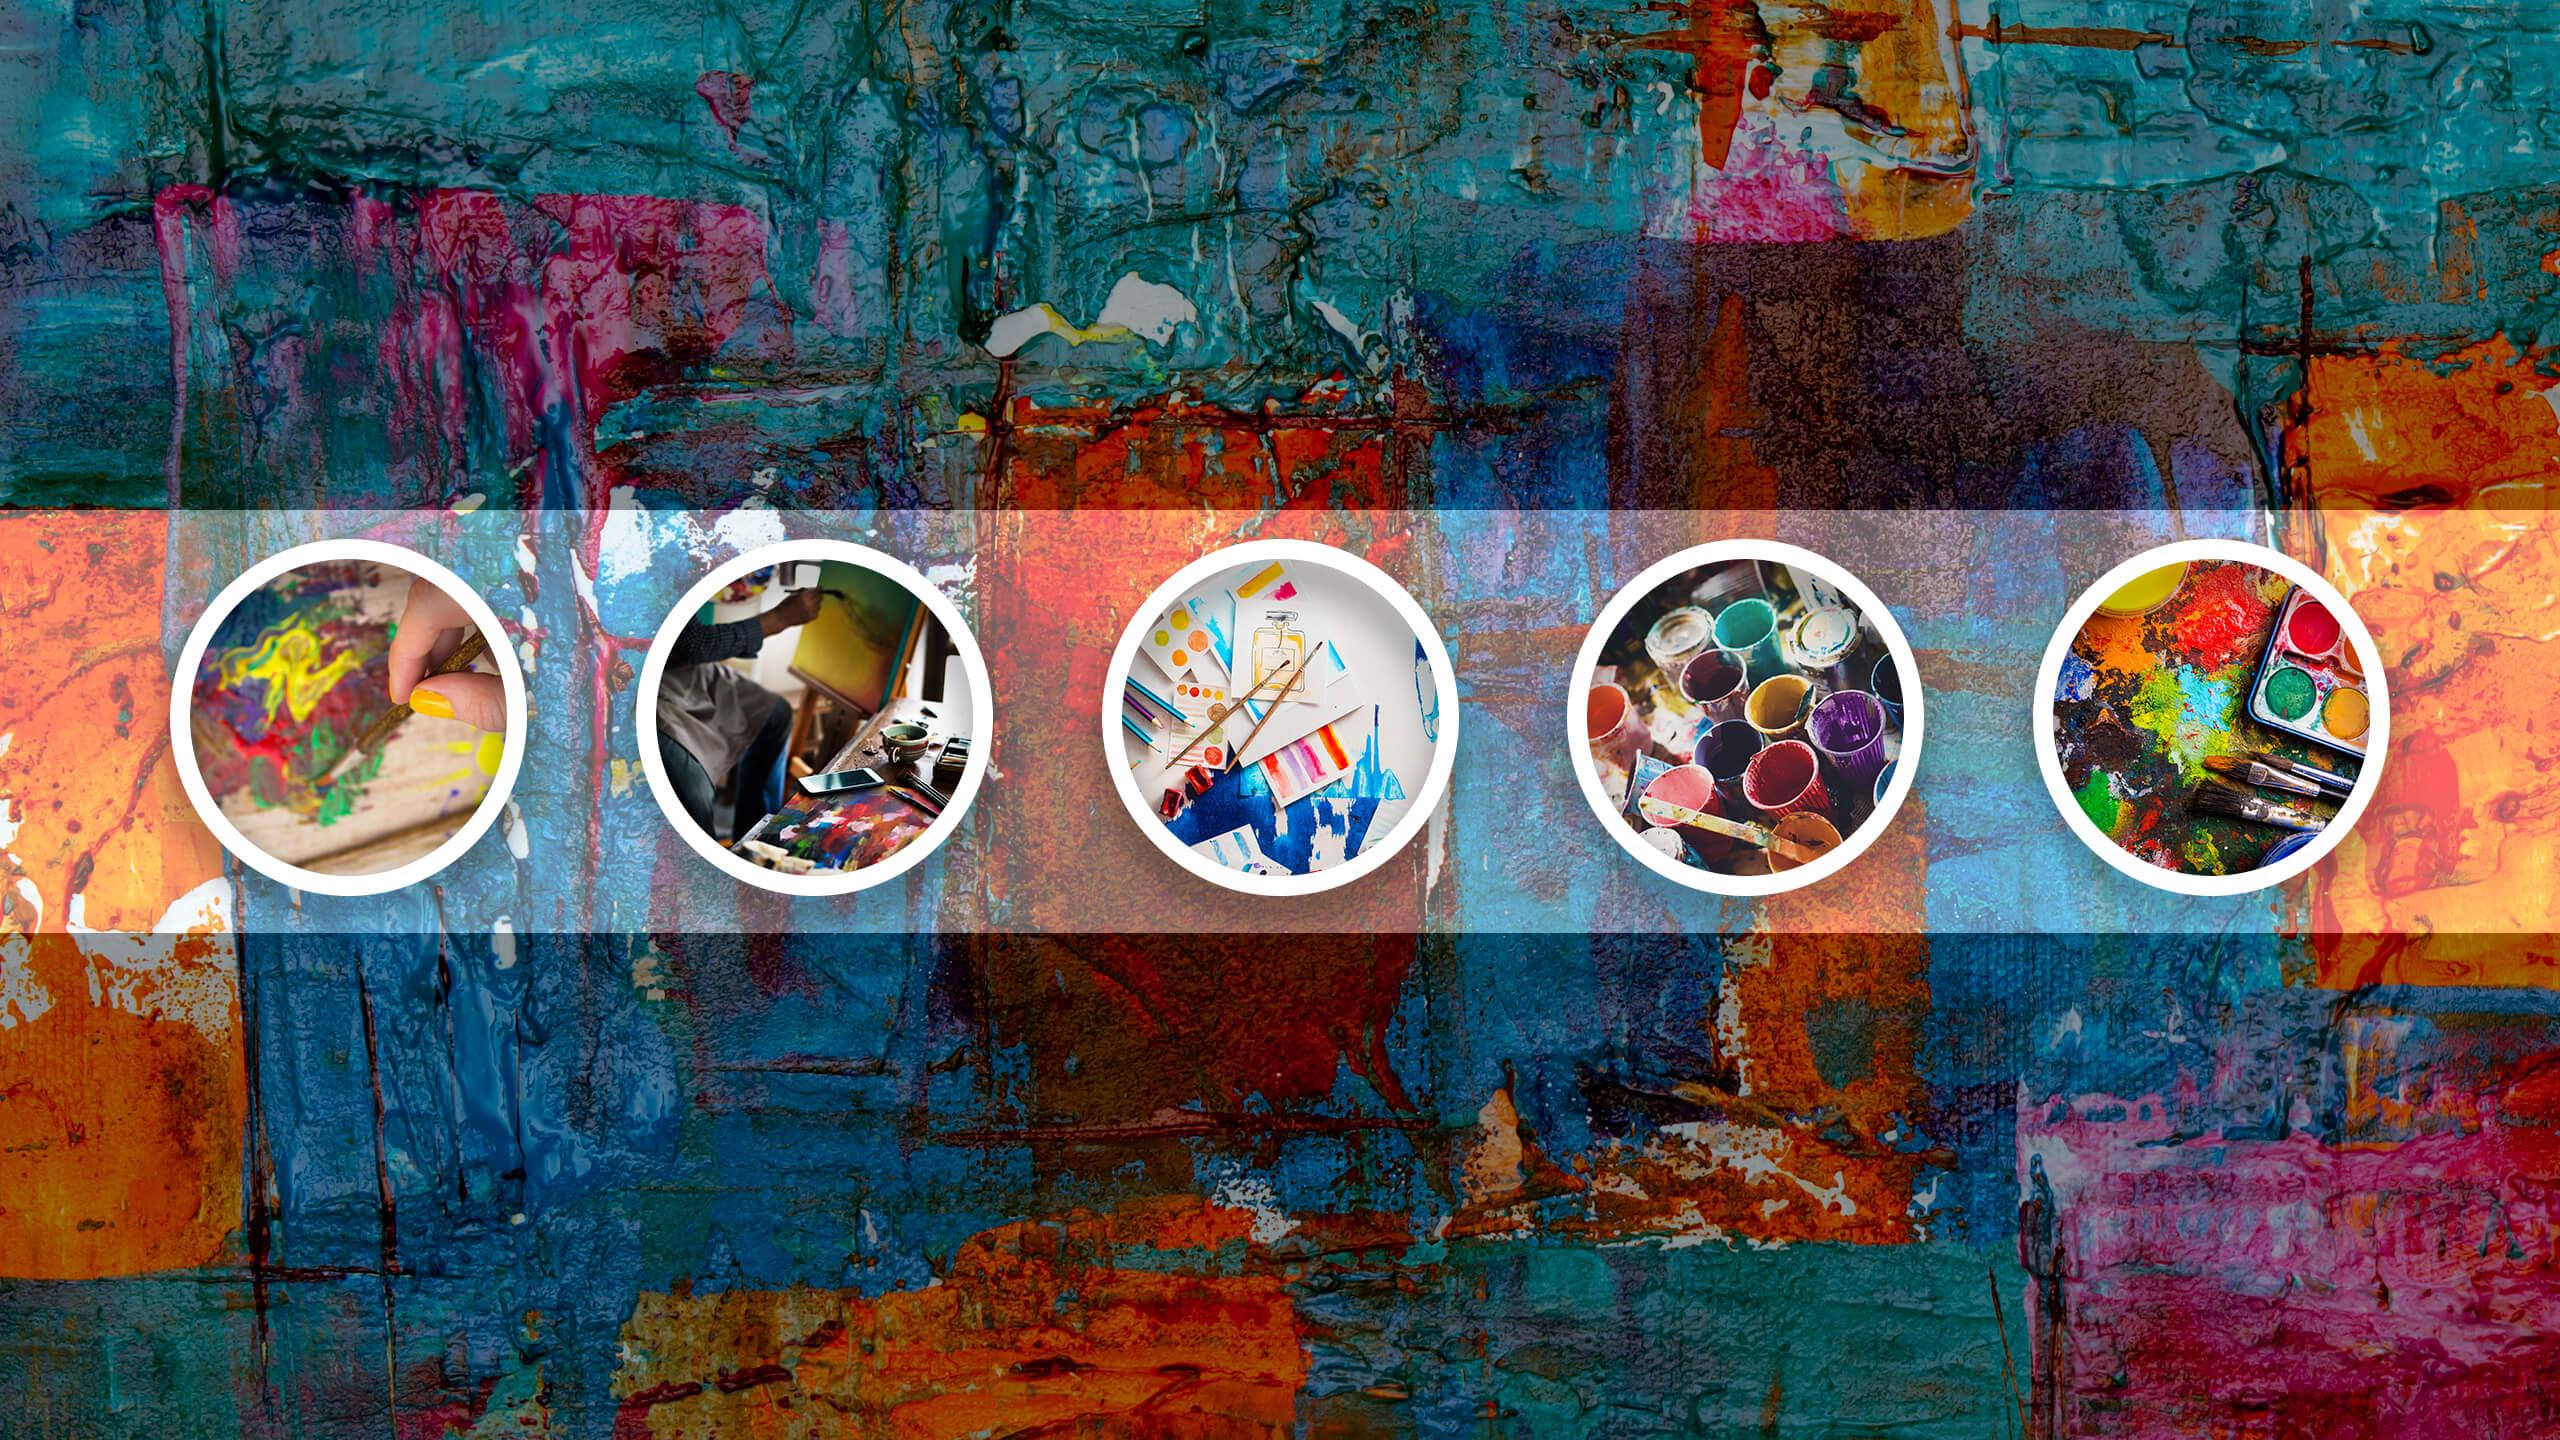 Изображение палитры с красками размером 2560 х 1440 пикселей.